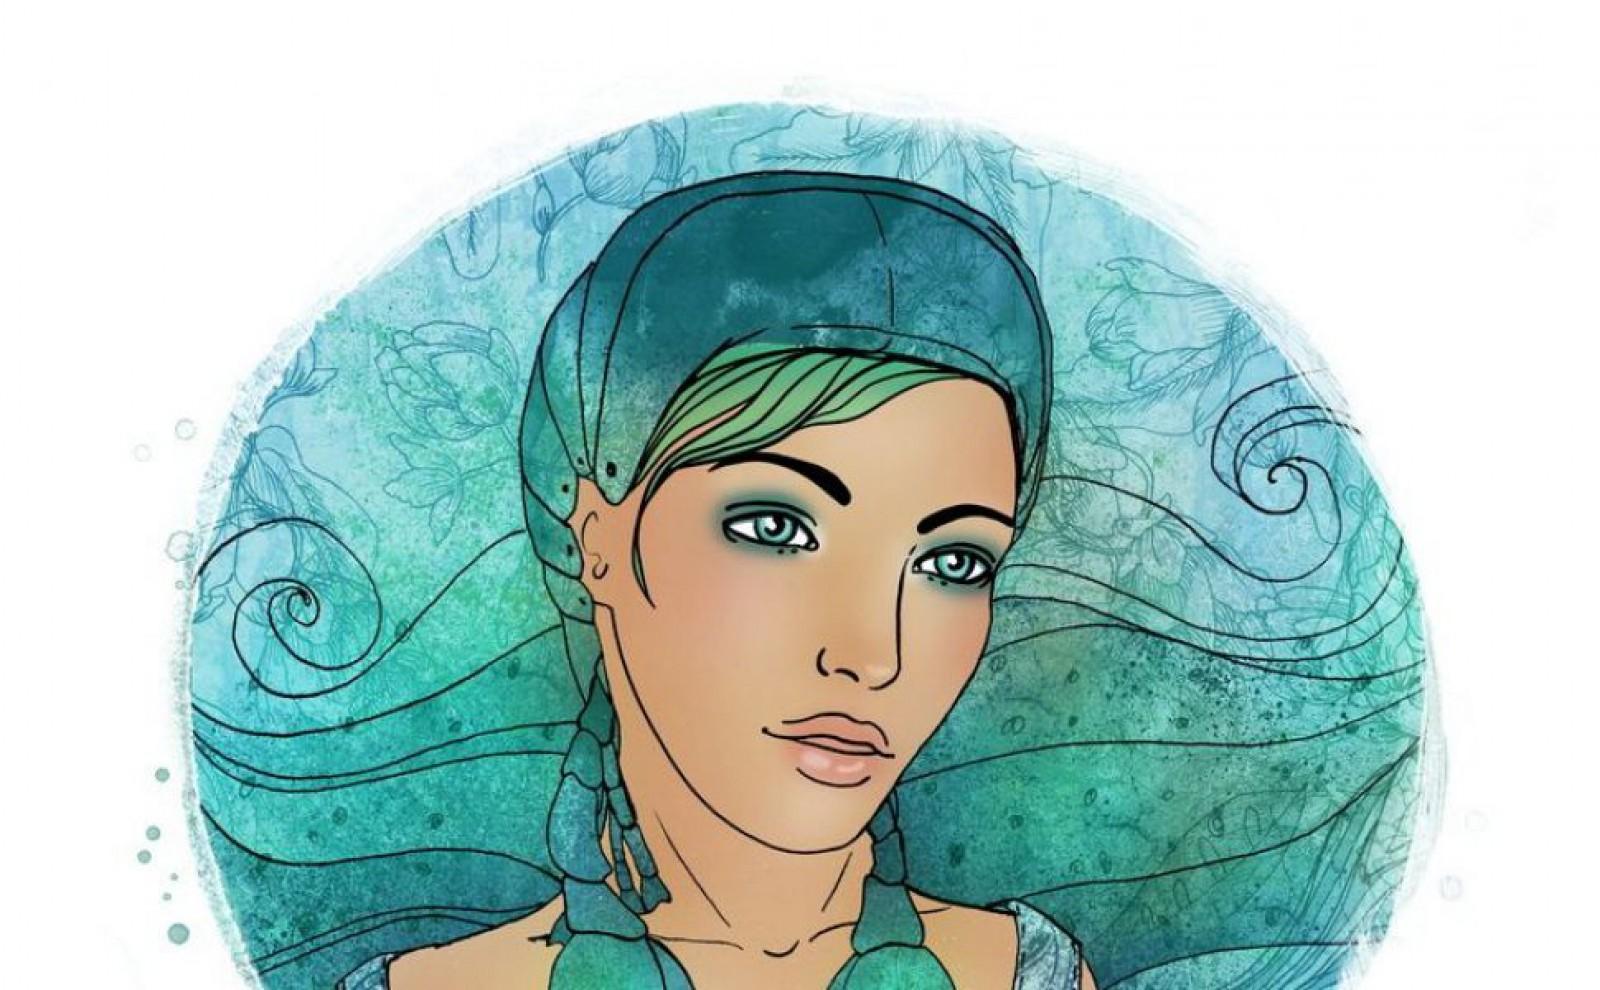 Cea mai iubită zodie. Descoperă femeia din horoscop adorată de toţi